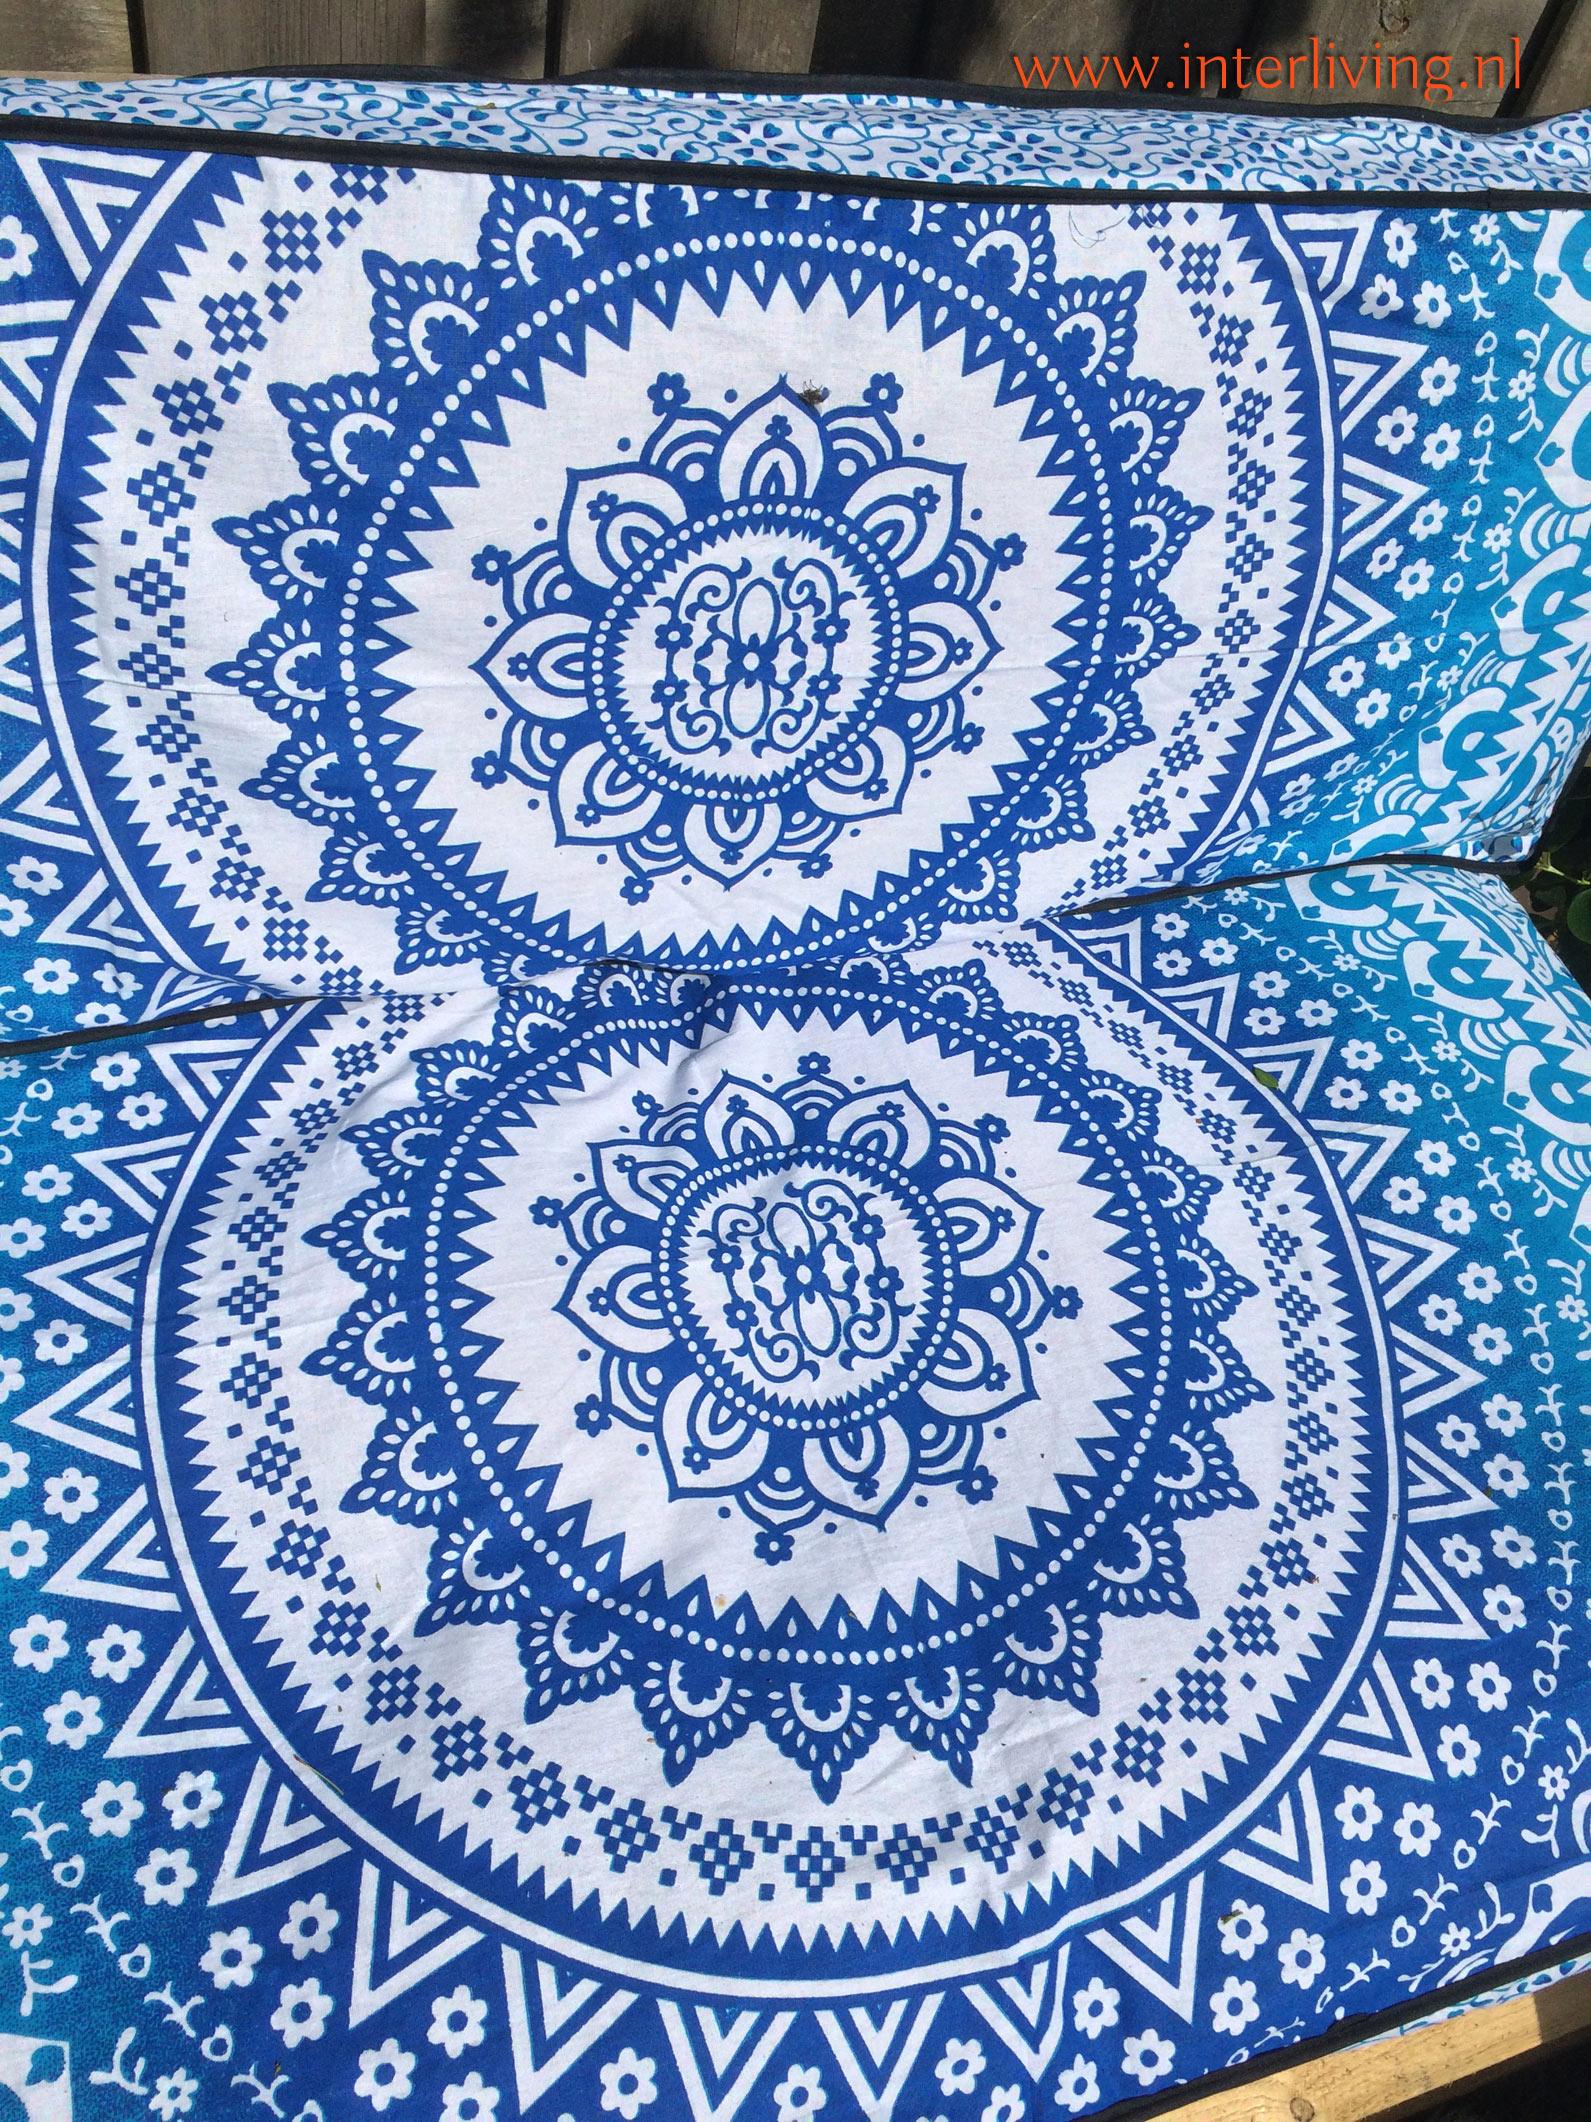 Oosterse Ibiza boho blauw palletkussen met losse kussenovertrek - mooie blauw wit en aqua groen tinten bij je DIY palletbank van pallet hout in de tuin om te maken